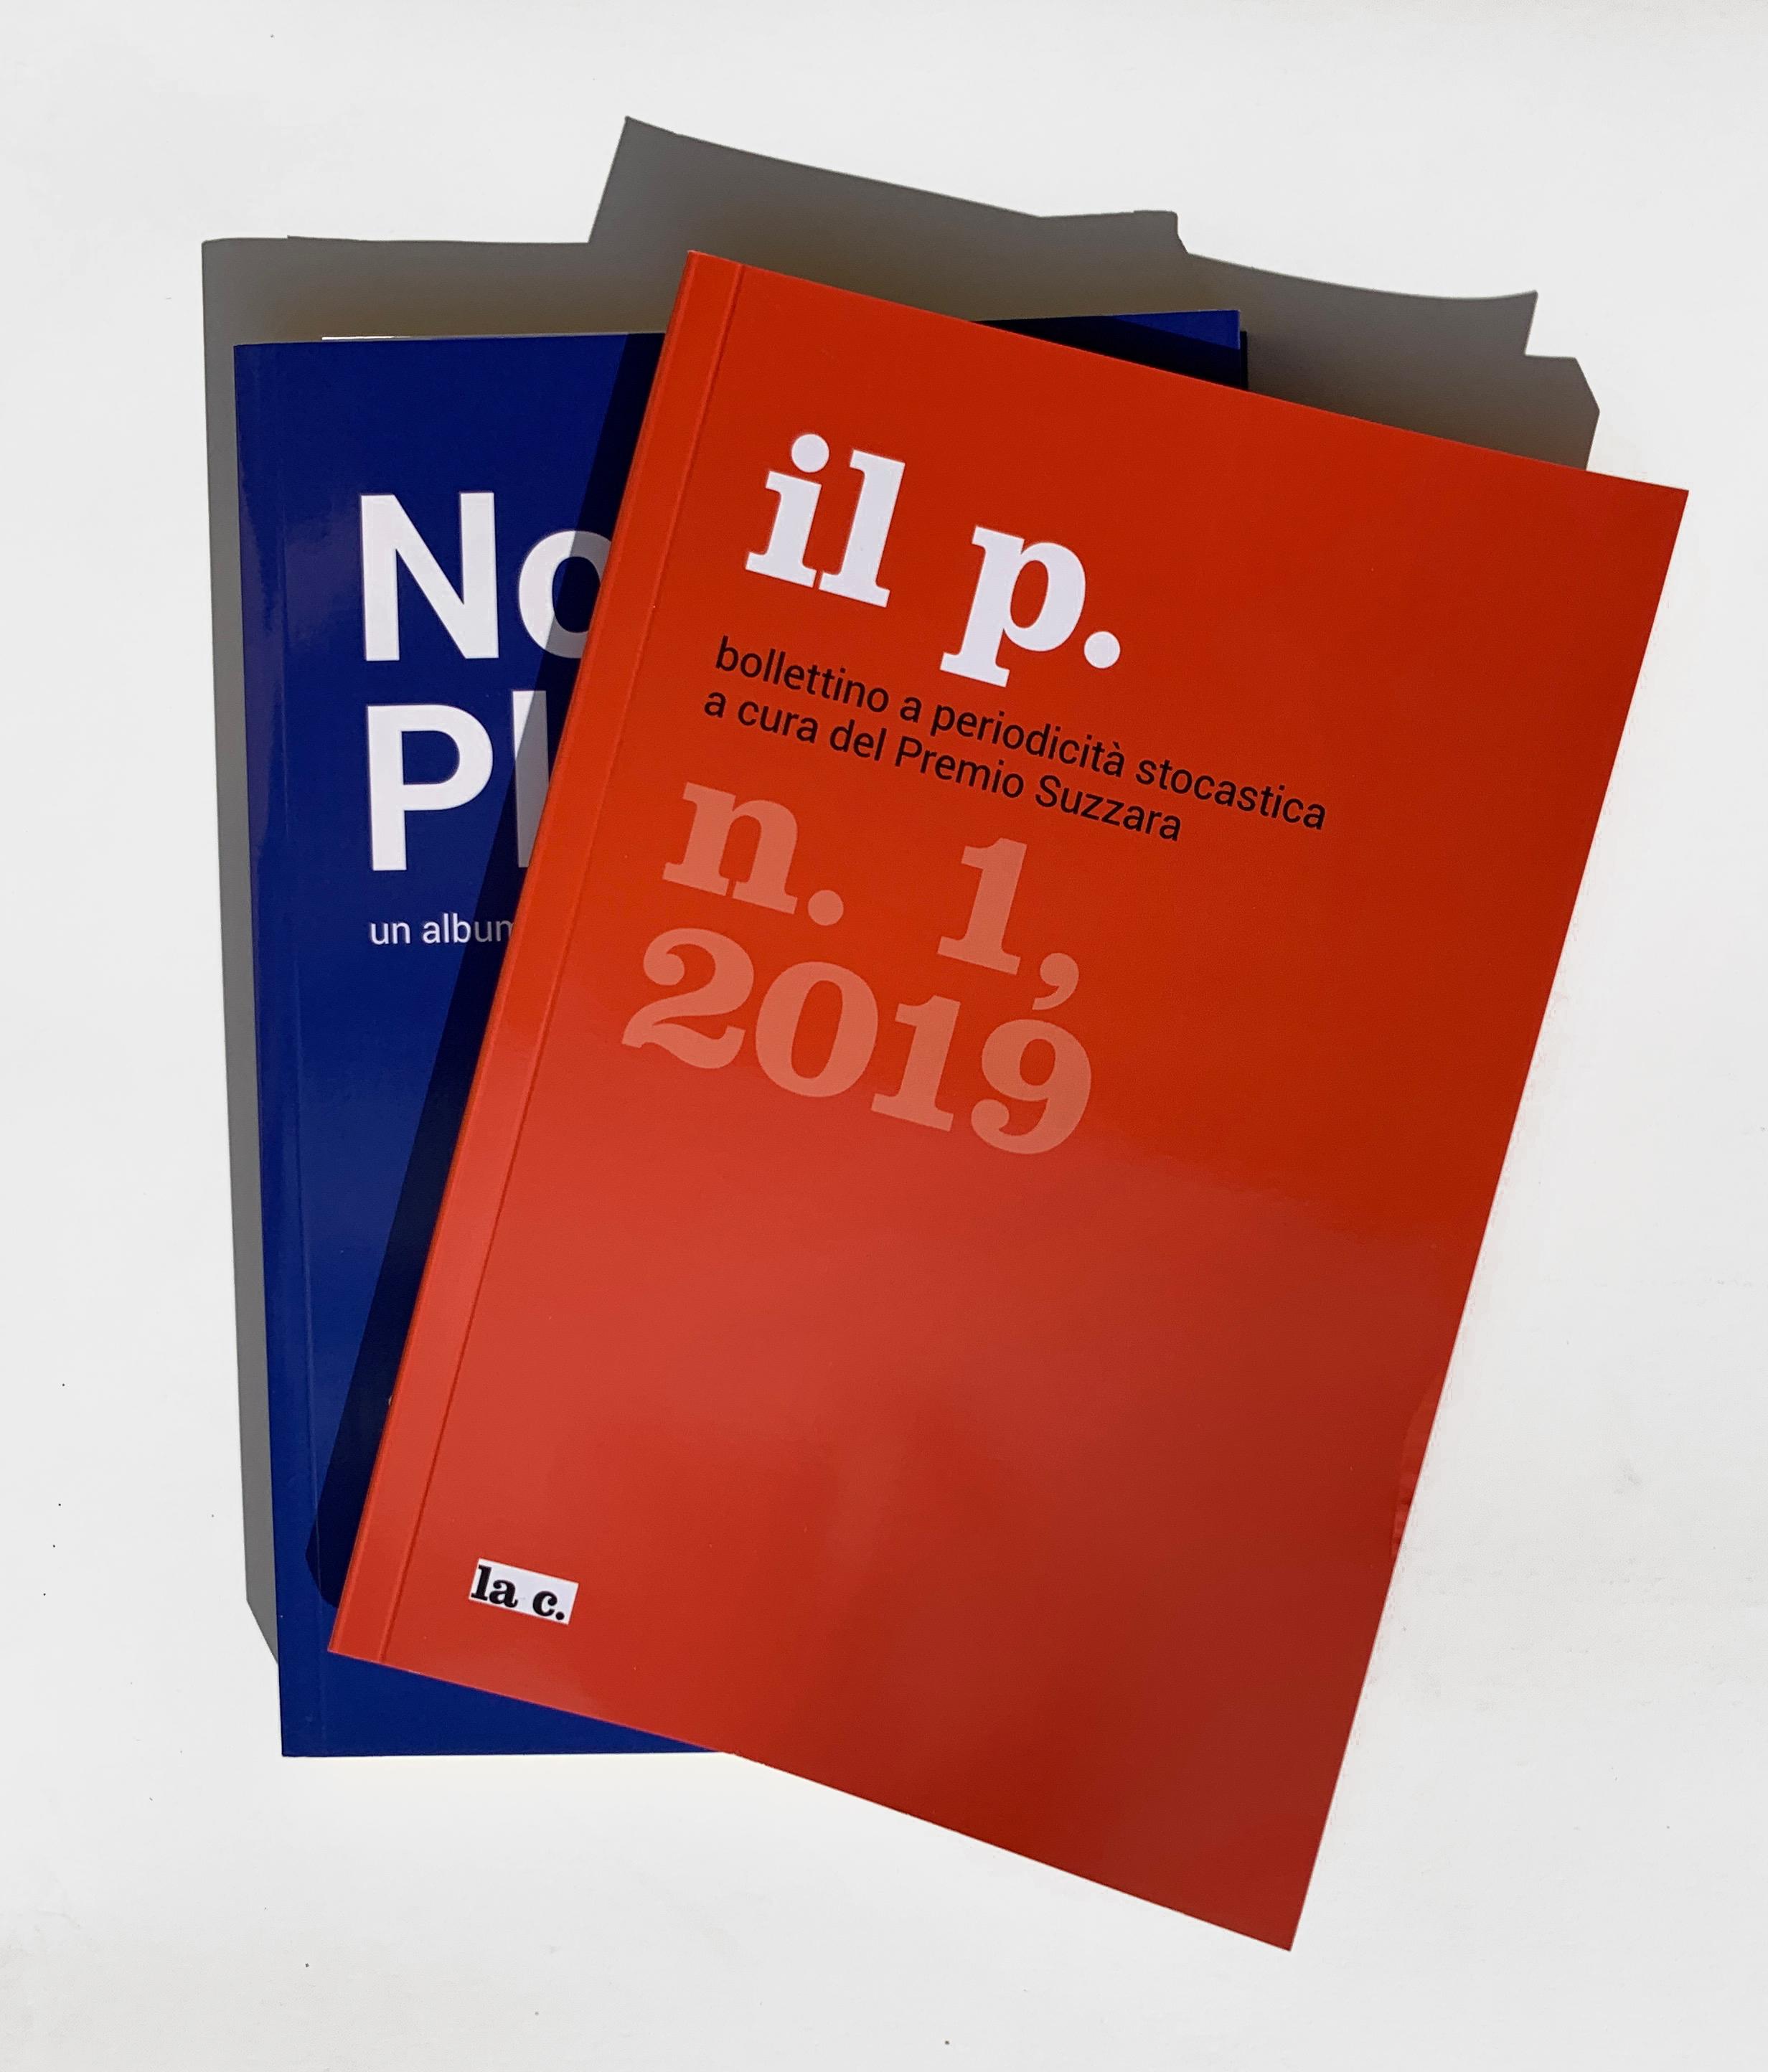 Le dimensioni uguali delle due pubblicazioni sottolineano la continuità sperimentale del nuovo percorso del Premio Suzzara